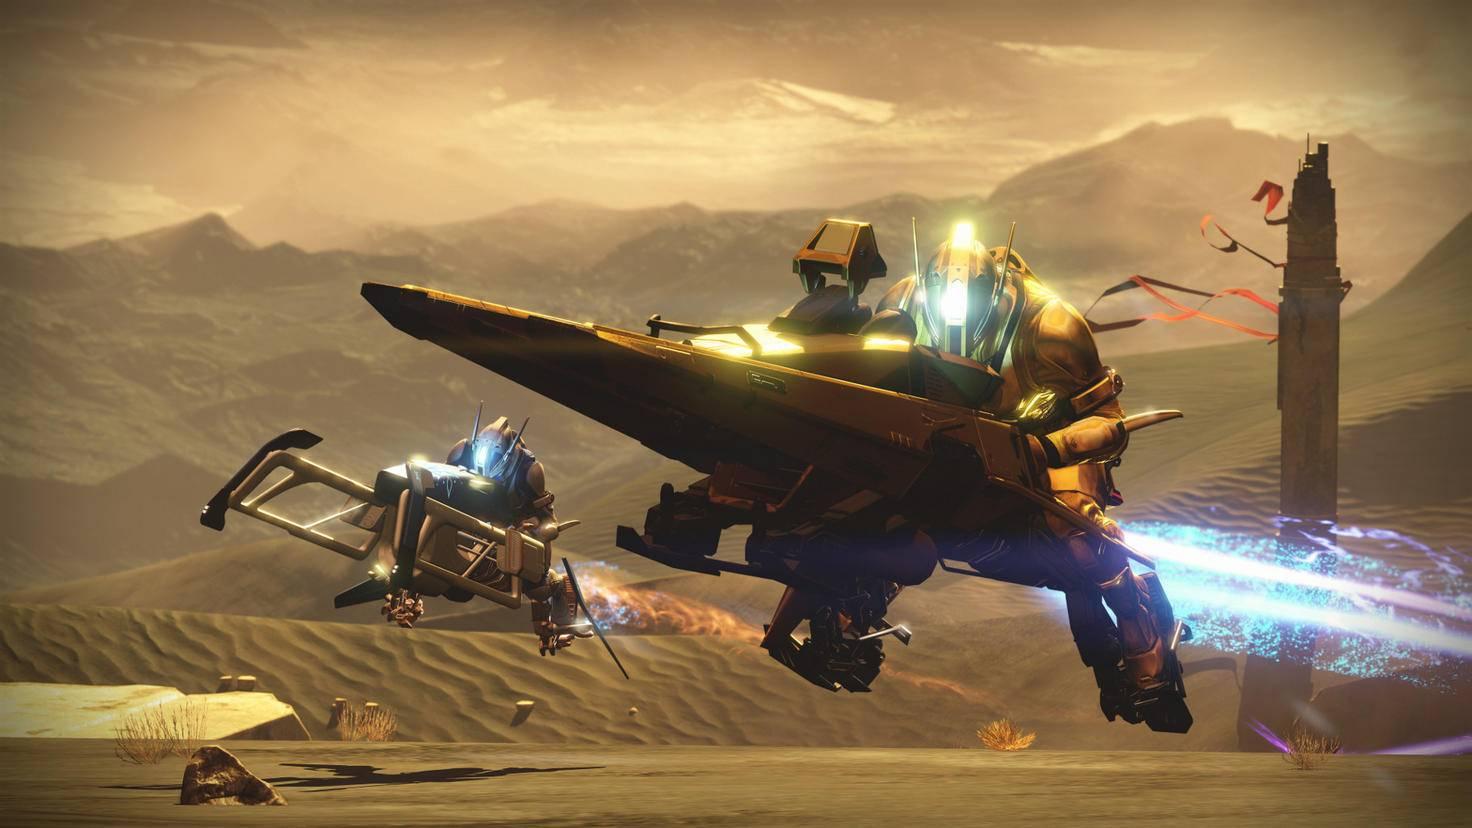 """Die schnellen Sparrows bekomst Du in """"Destiny 2"""" in Lootboxen. Du kannst sie aber auch einfach erspielen."""